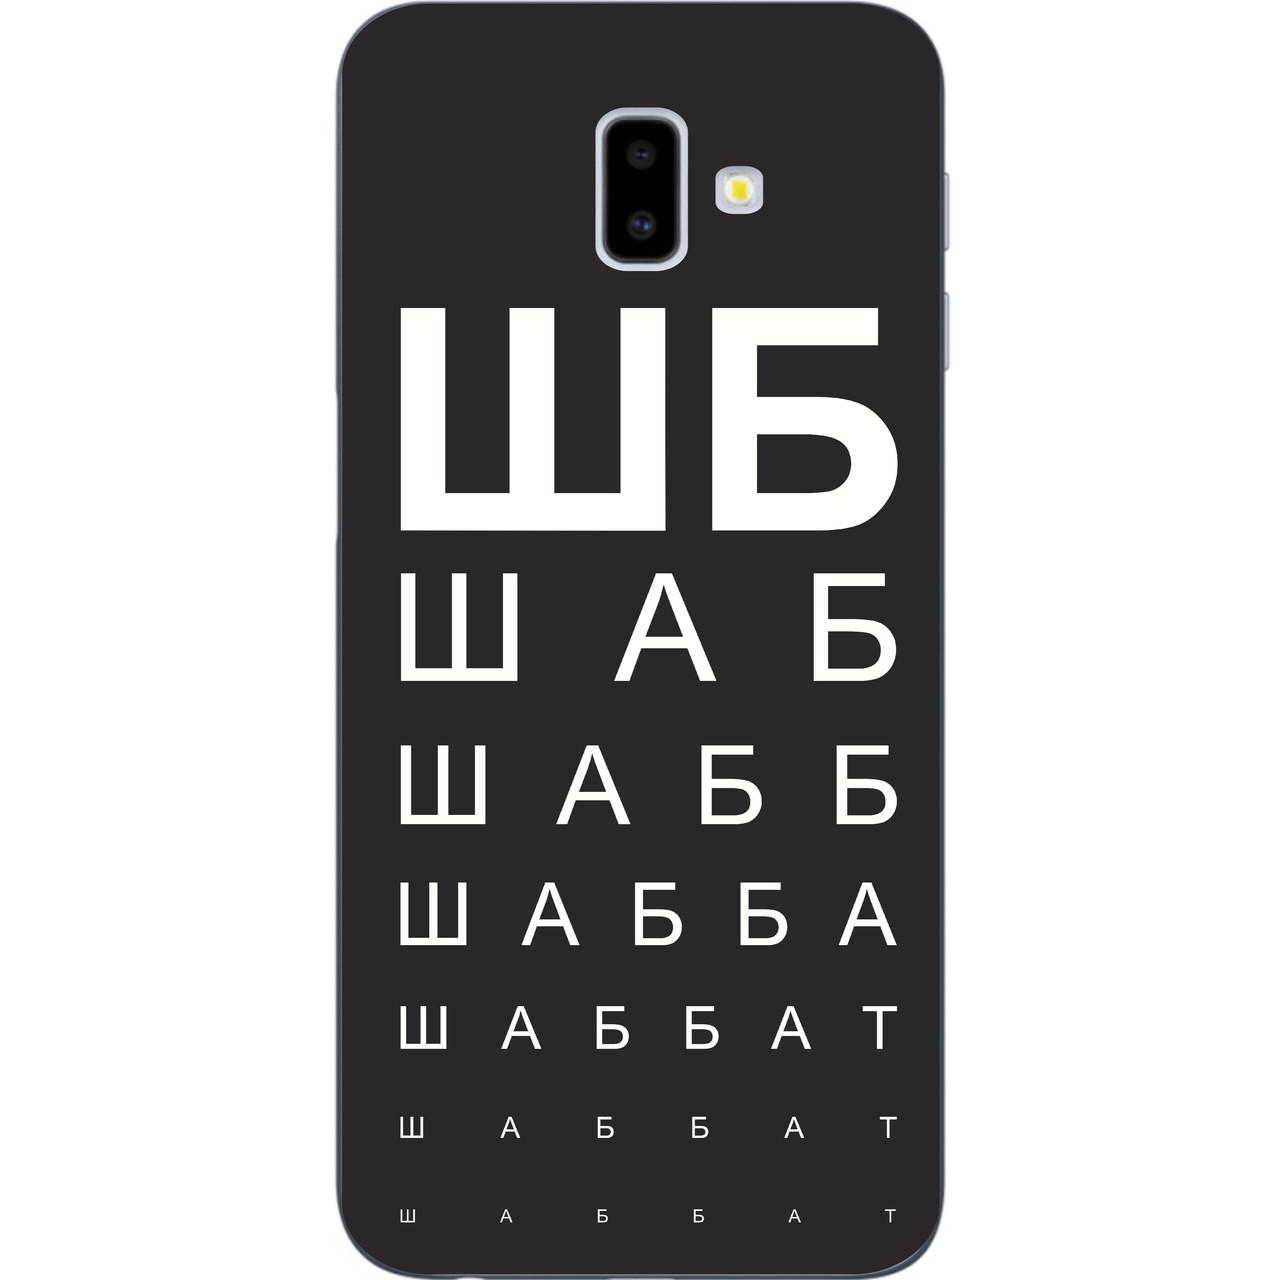 Антибрендовый силиконовый чехол для Samsung Galaxy J6 Plus 2018 с картинкой Шаббат